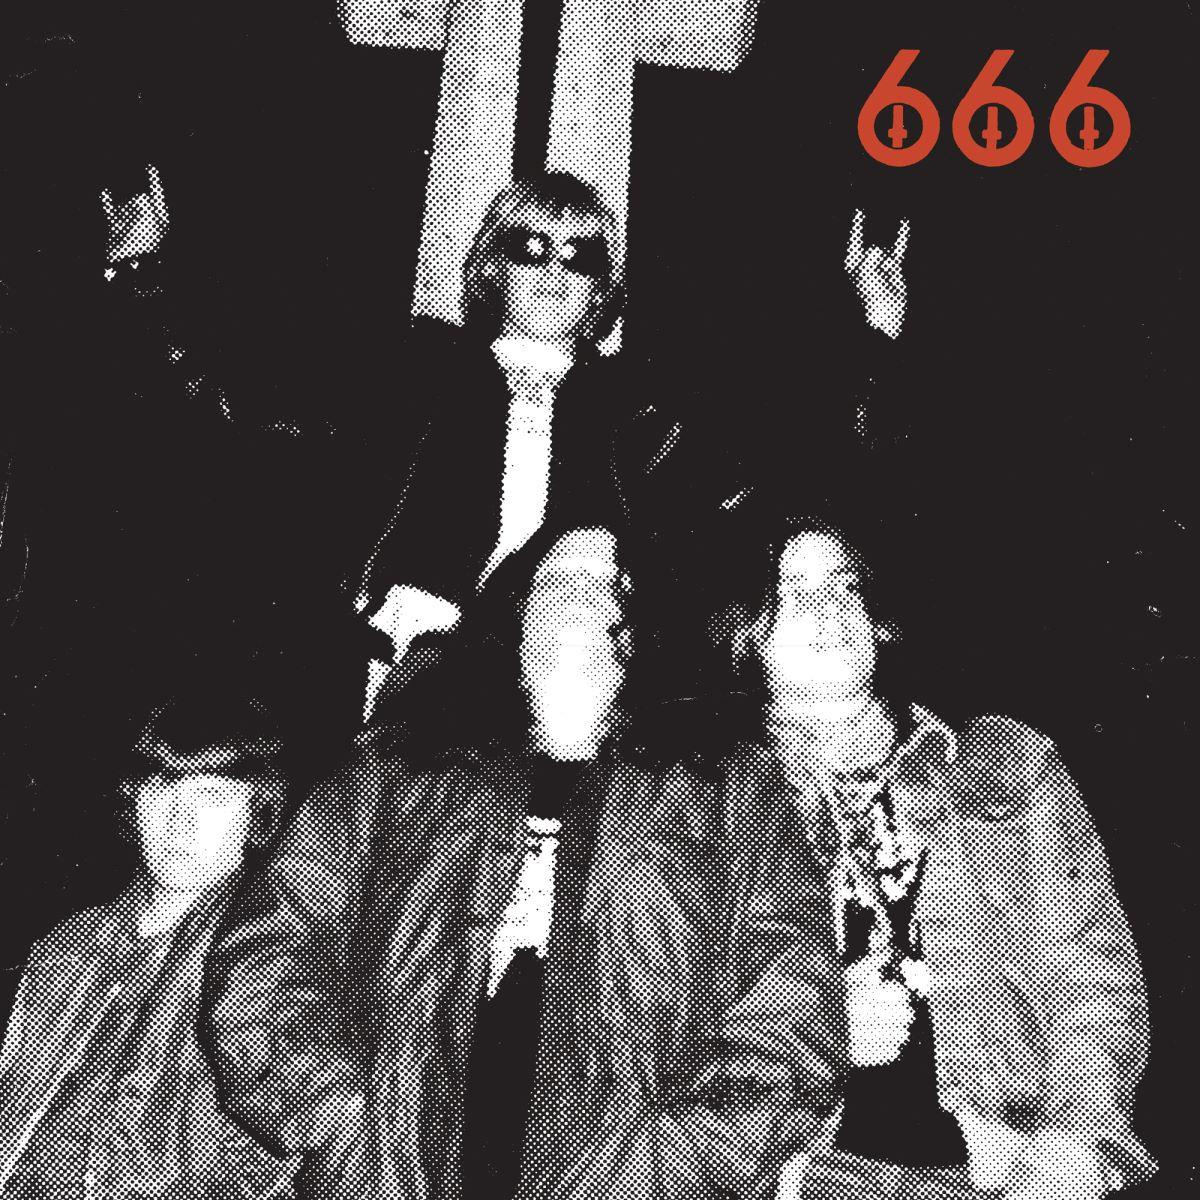 666 - 666 - album cover